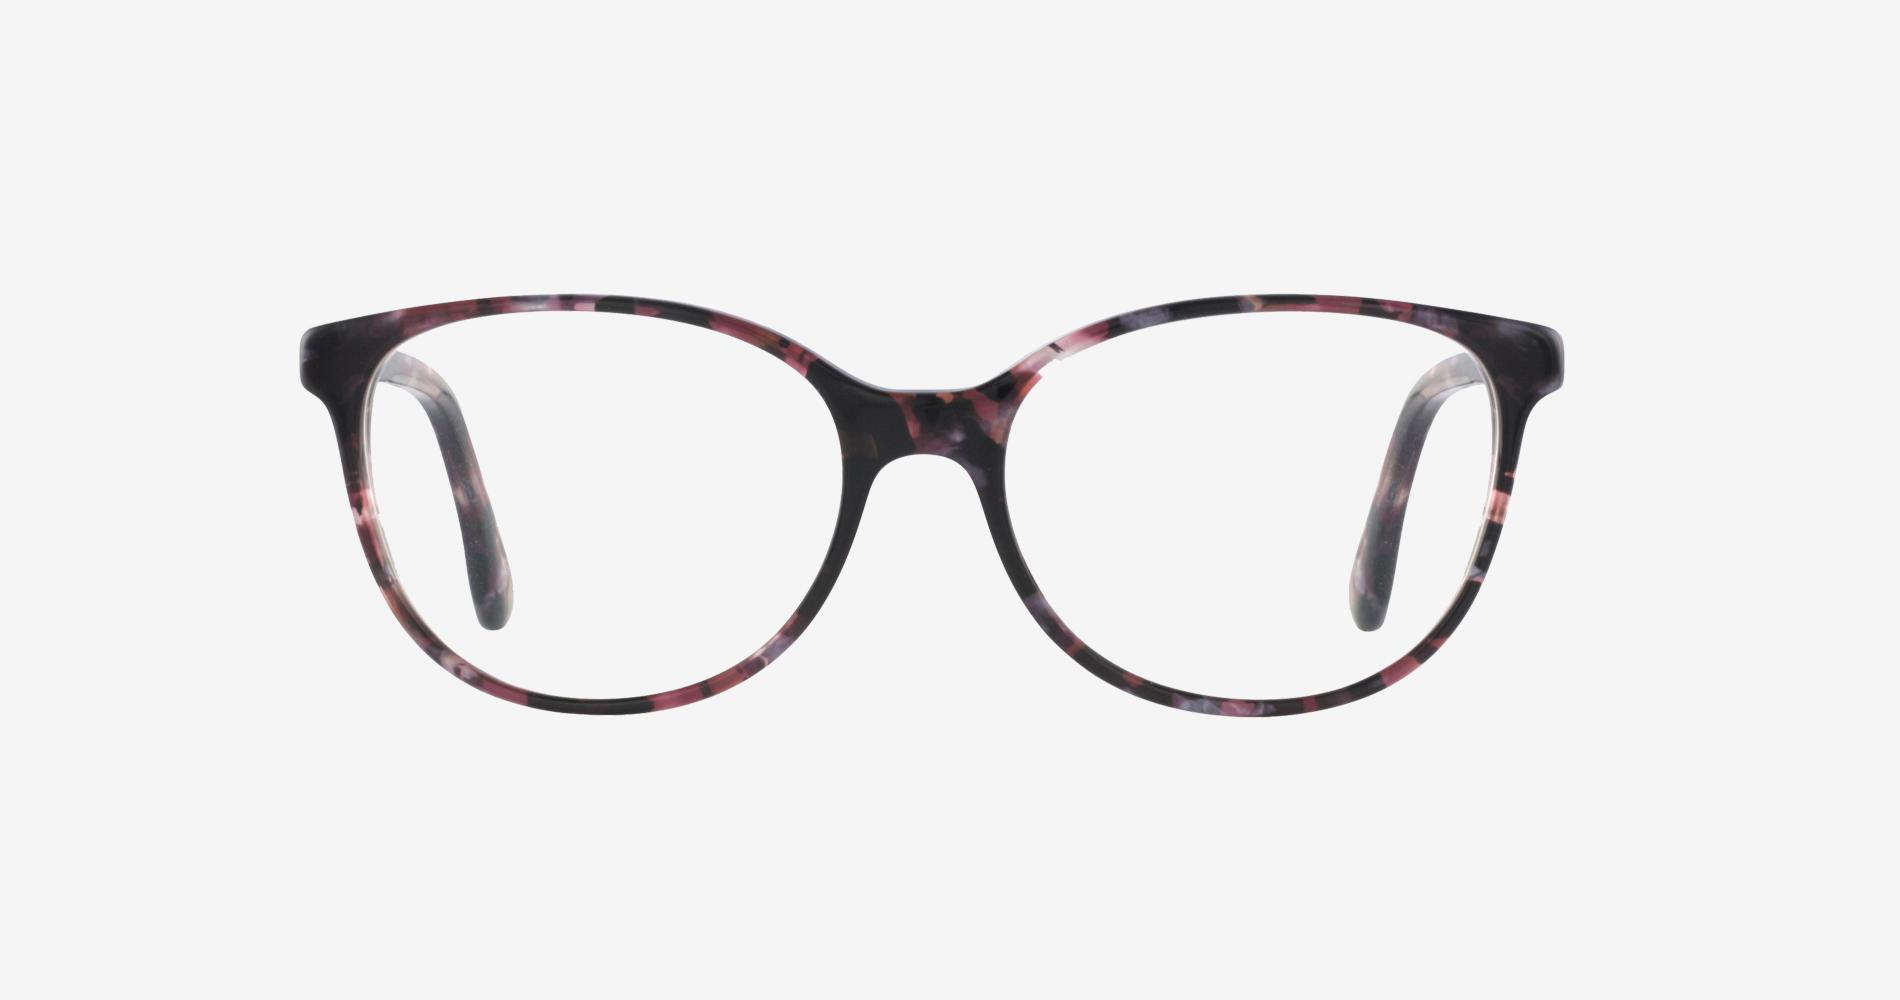 comment choisir des lunettes qui me vont vraiment le figaro madame. Black Bedroom Furniture Sets. Home Design Ideas